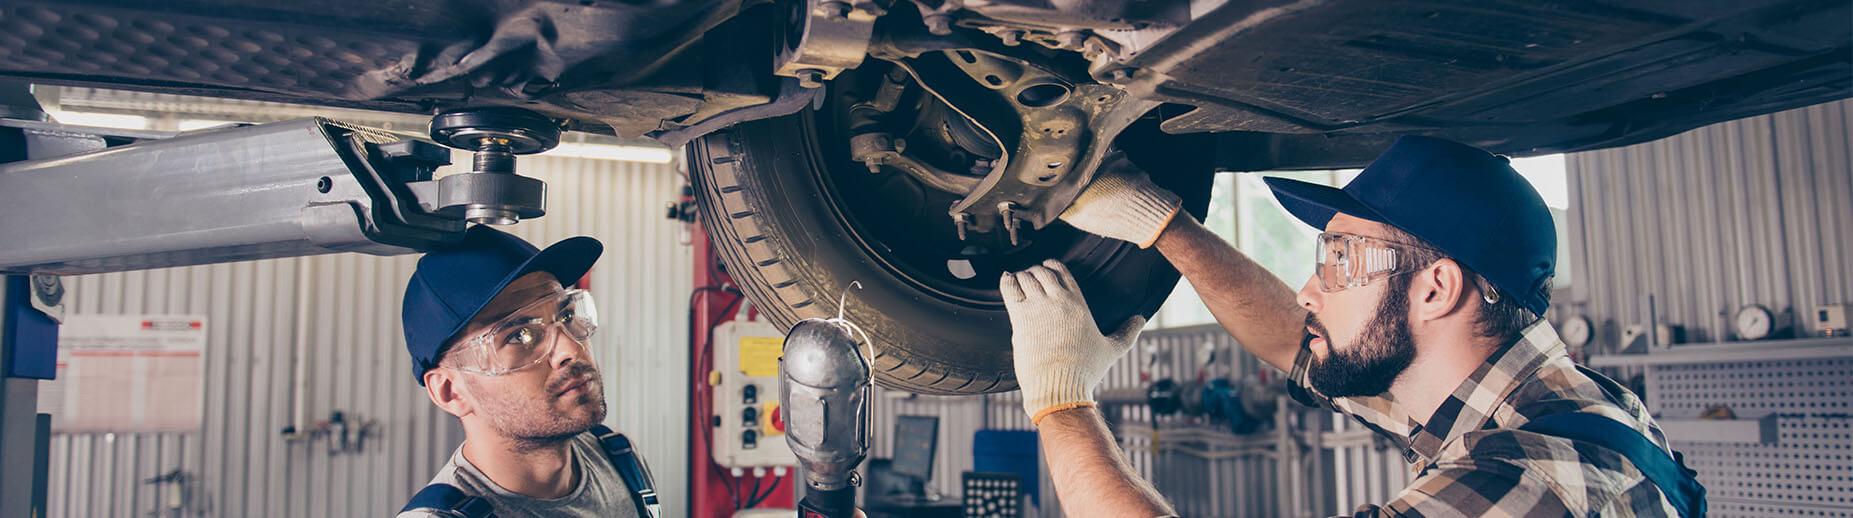 Clifton European Auto Repair, European Car Mechanic and Auto Repair